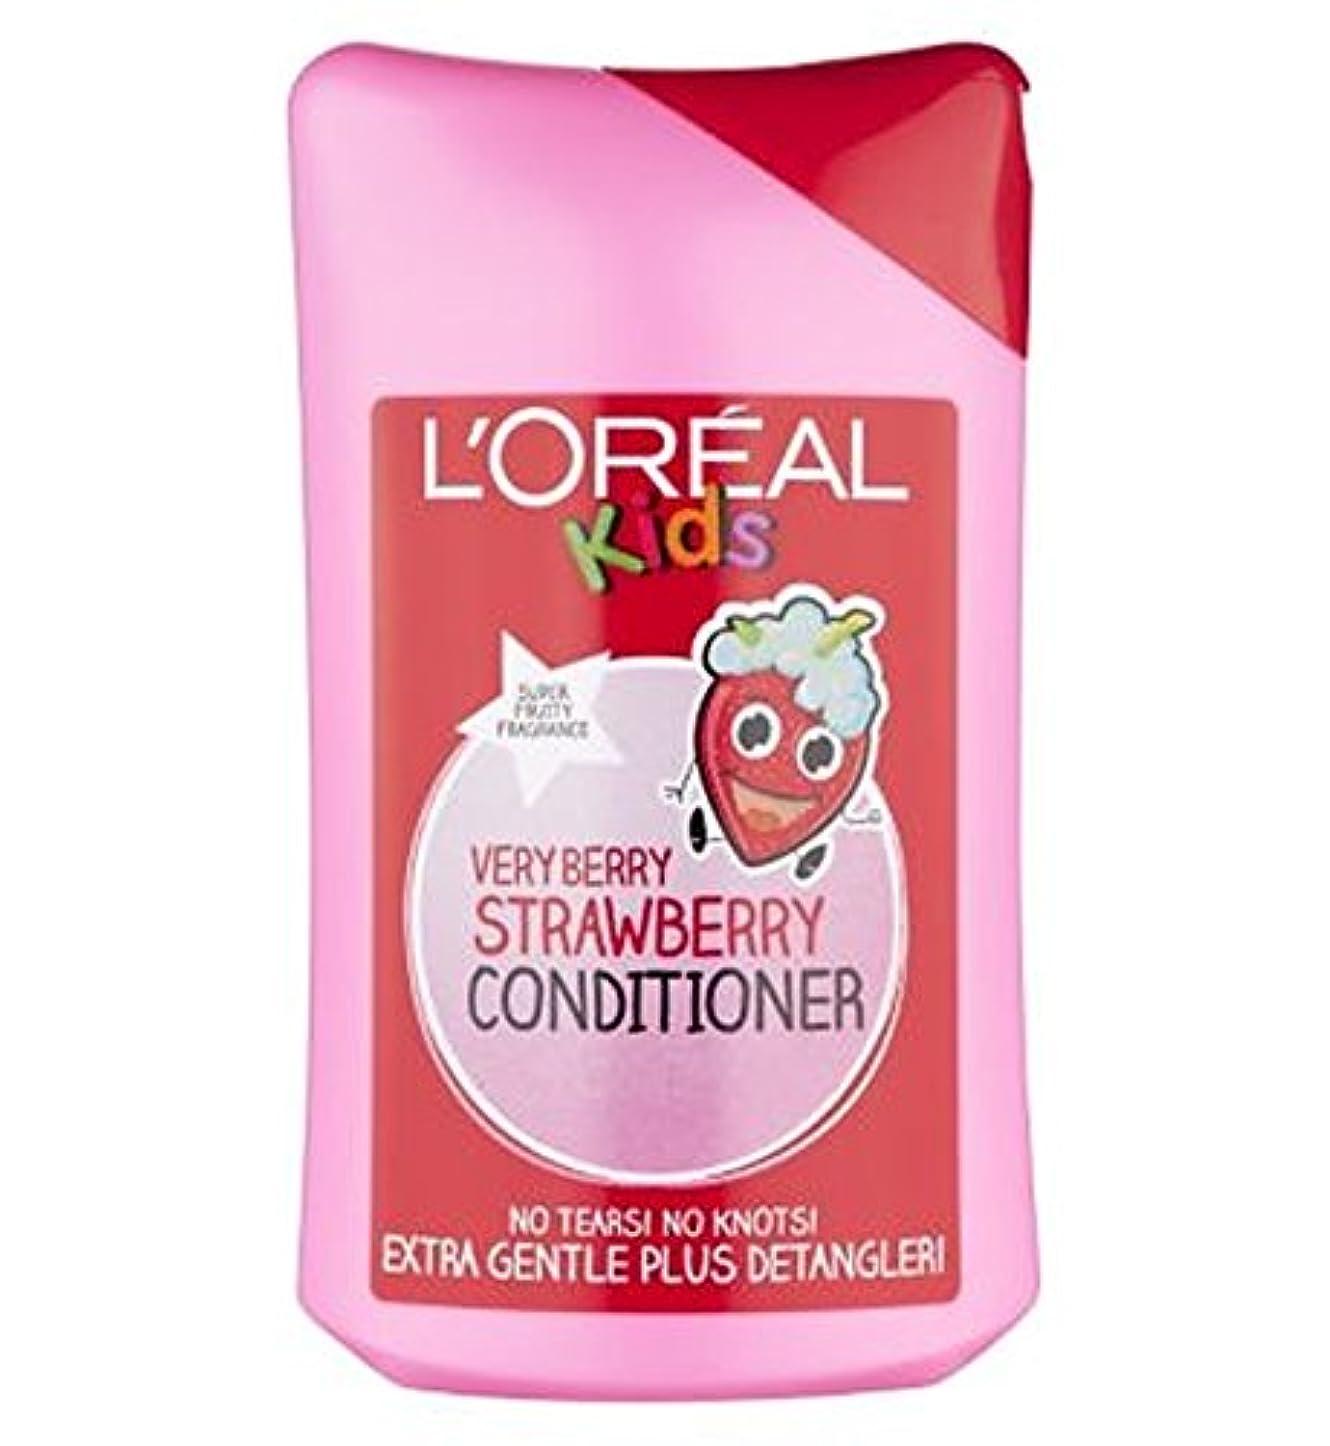 日条約束ねるL'Oreall子供余分な穏やかな非常にベリーストロベリーコンディショナー250ミリリットル (L'Oreal) (x2) - L'Oreall Kids Extra Gentle Very Berry Strawberry...